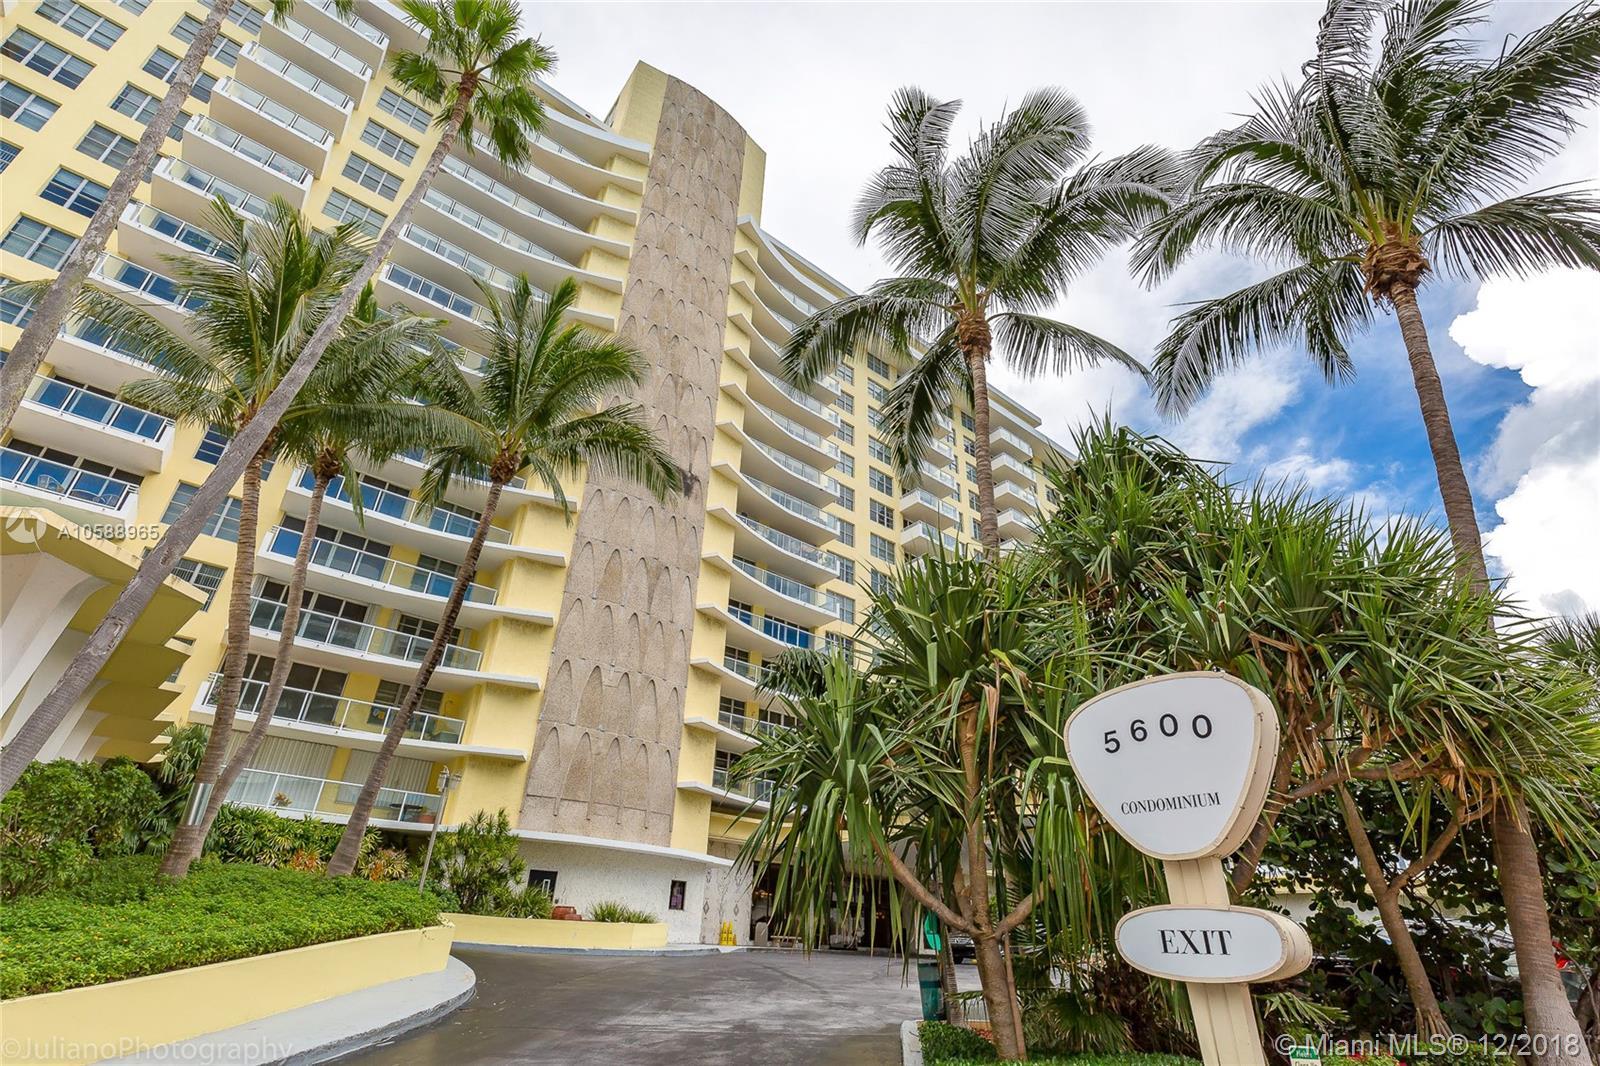 5600 Collins Ave #7F, Miami Beach, FL 33140 - Miami Beach, FL real estate listing